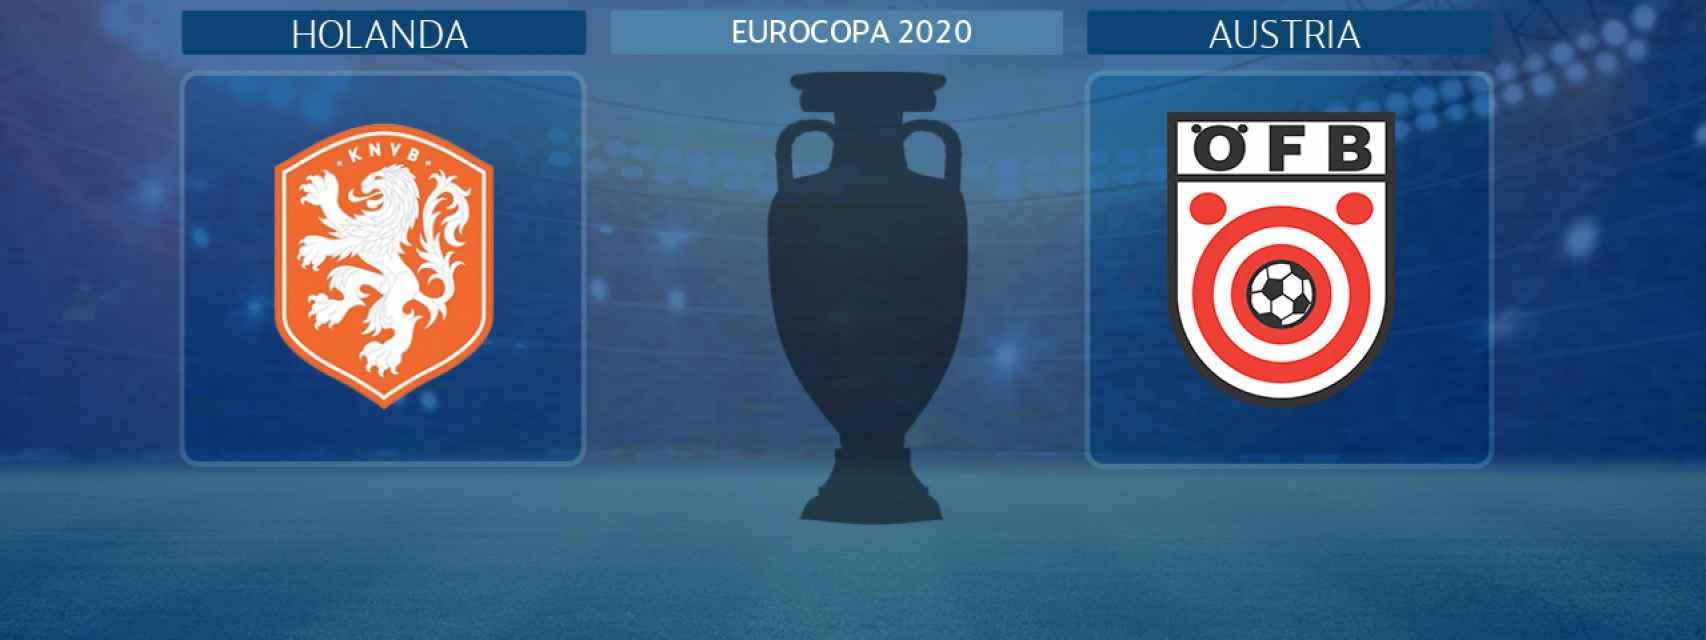 Holanda - Austria, partido de la Eurocopa 2020